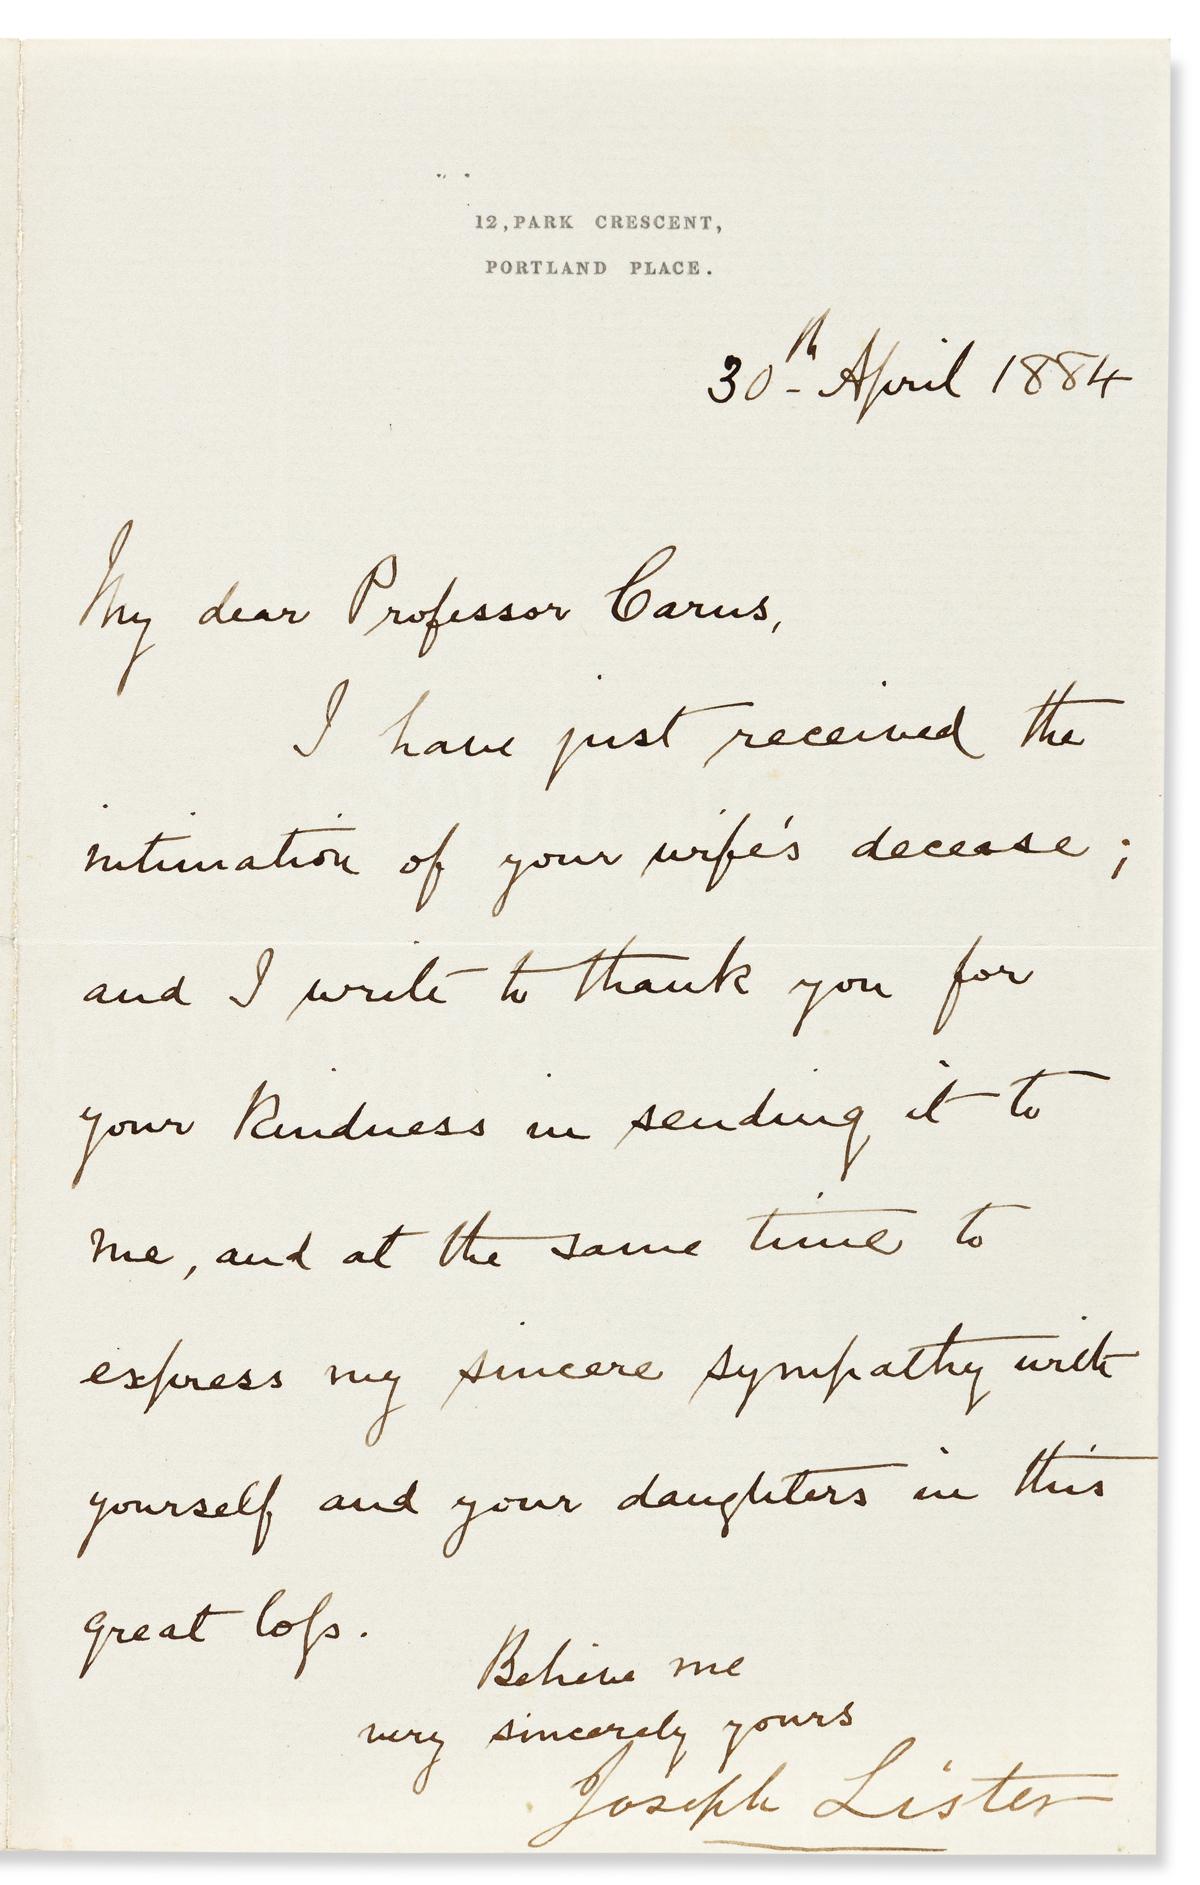 (MEDICINE.) LISTER, JOSEPH. Letter Signed, to anatomist Julius Victor Carus (My dear Professor Carus),